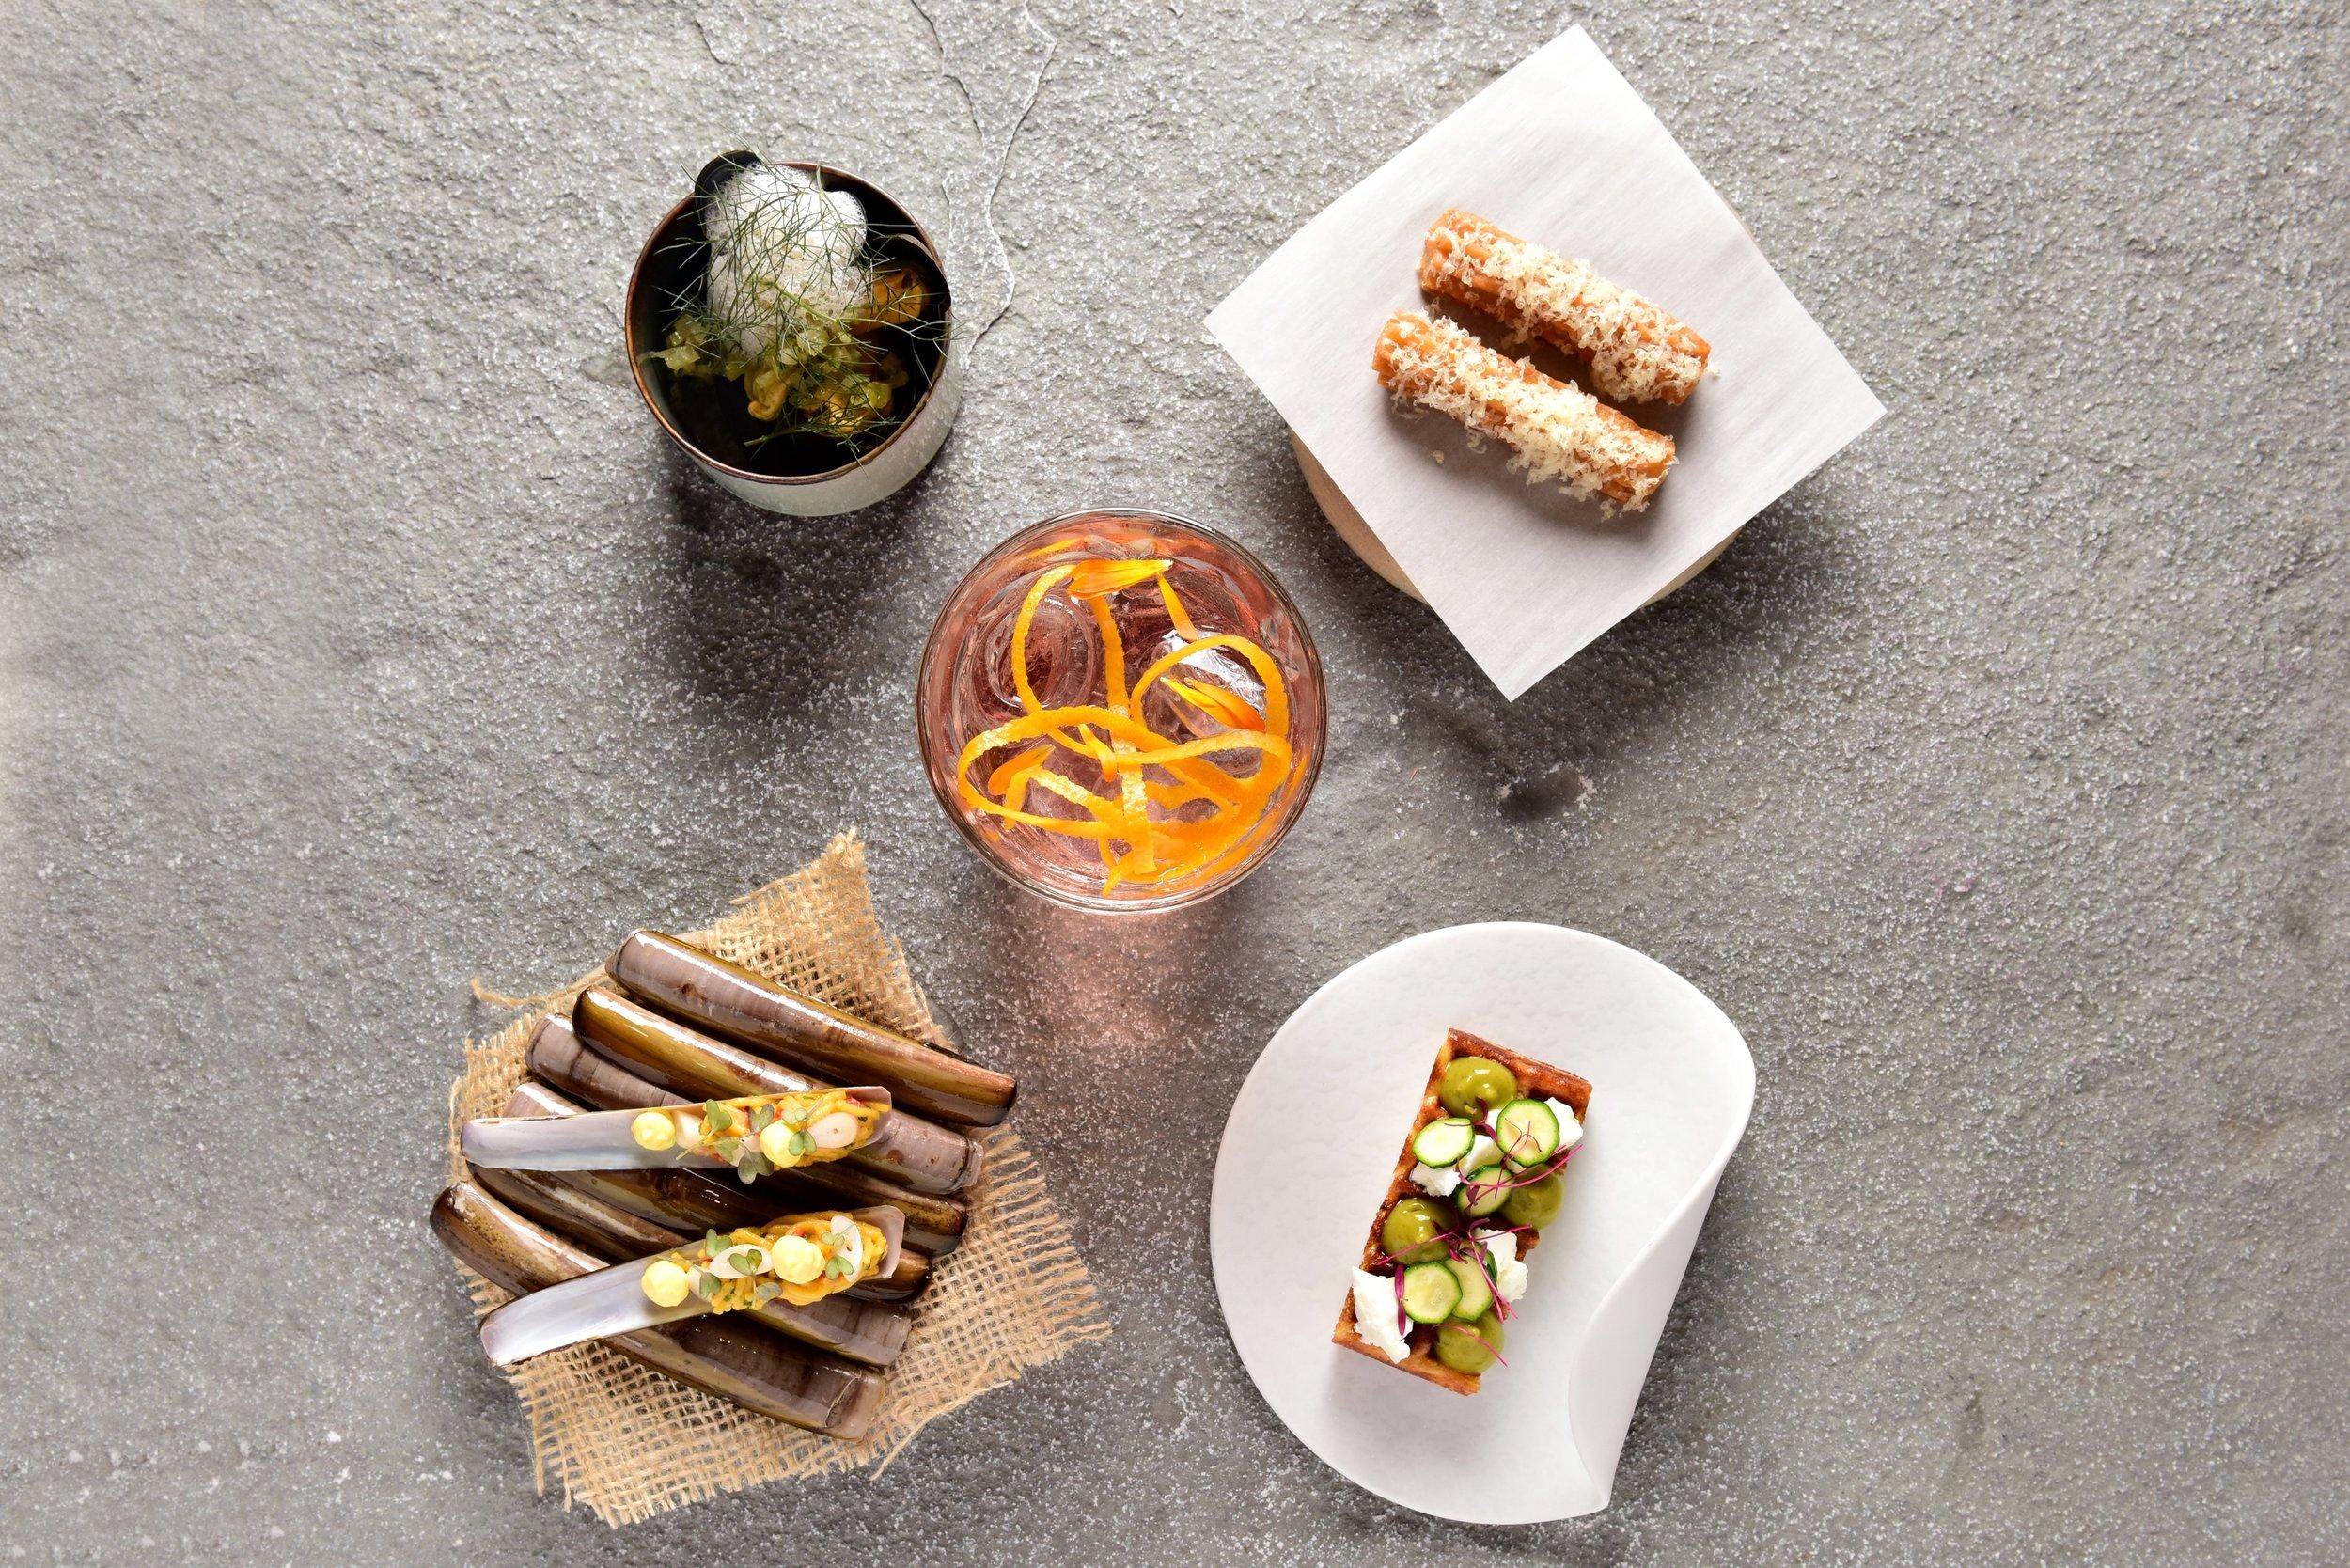 8 restaurant de mijlpaal tongeren bart albrecht culinair food fotograaf tablefever.jpg